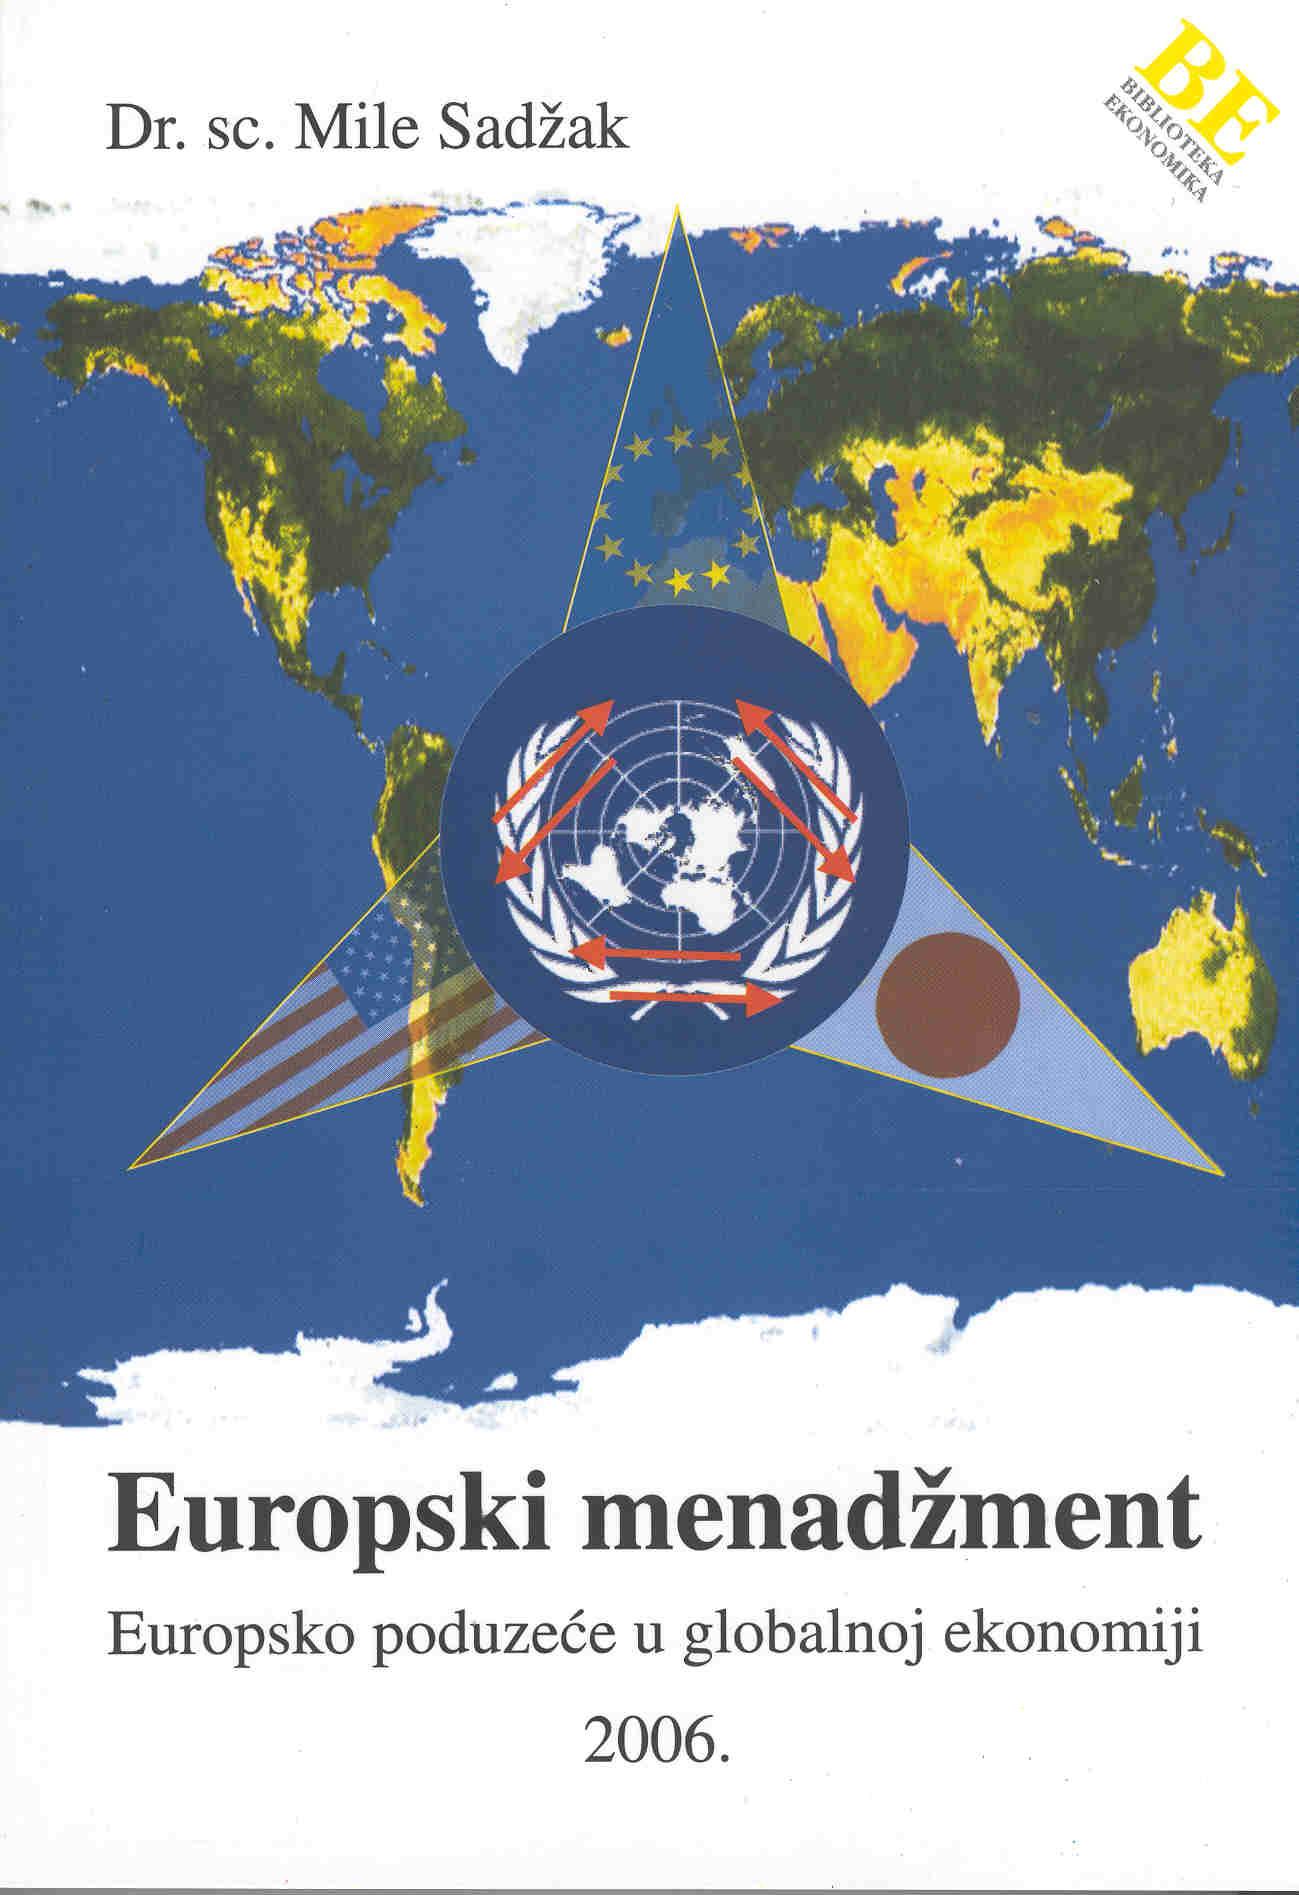 EUROPSKI MENADŽMENT - Naruči svoju knjigu